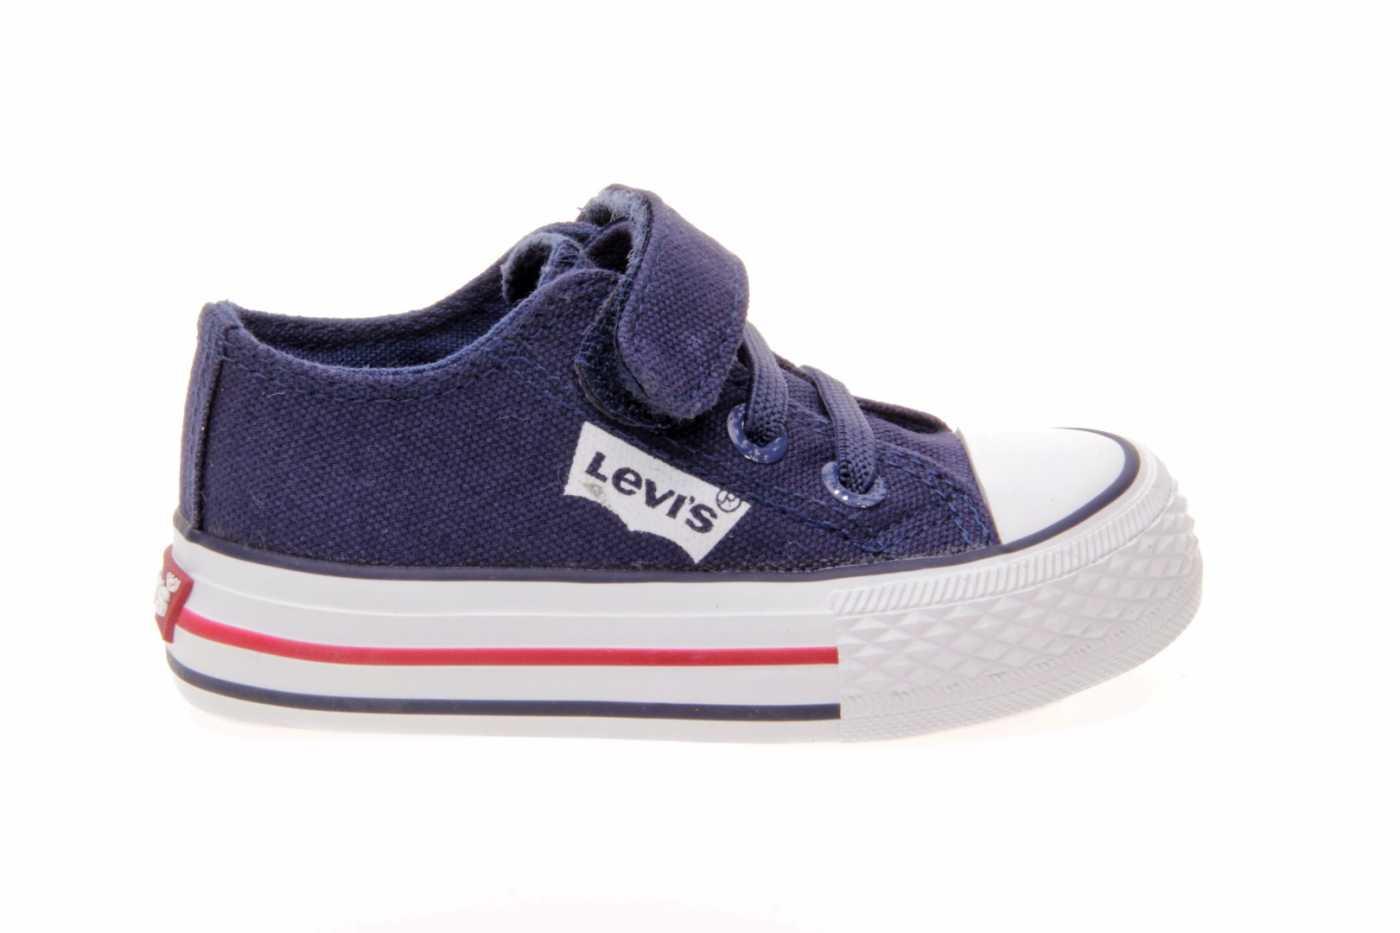 7d47a78f75564 Comprar zapato tipo JOVEN NIÑO estilo LONA COLOR AZUL LONA ...